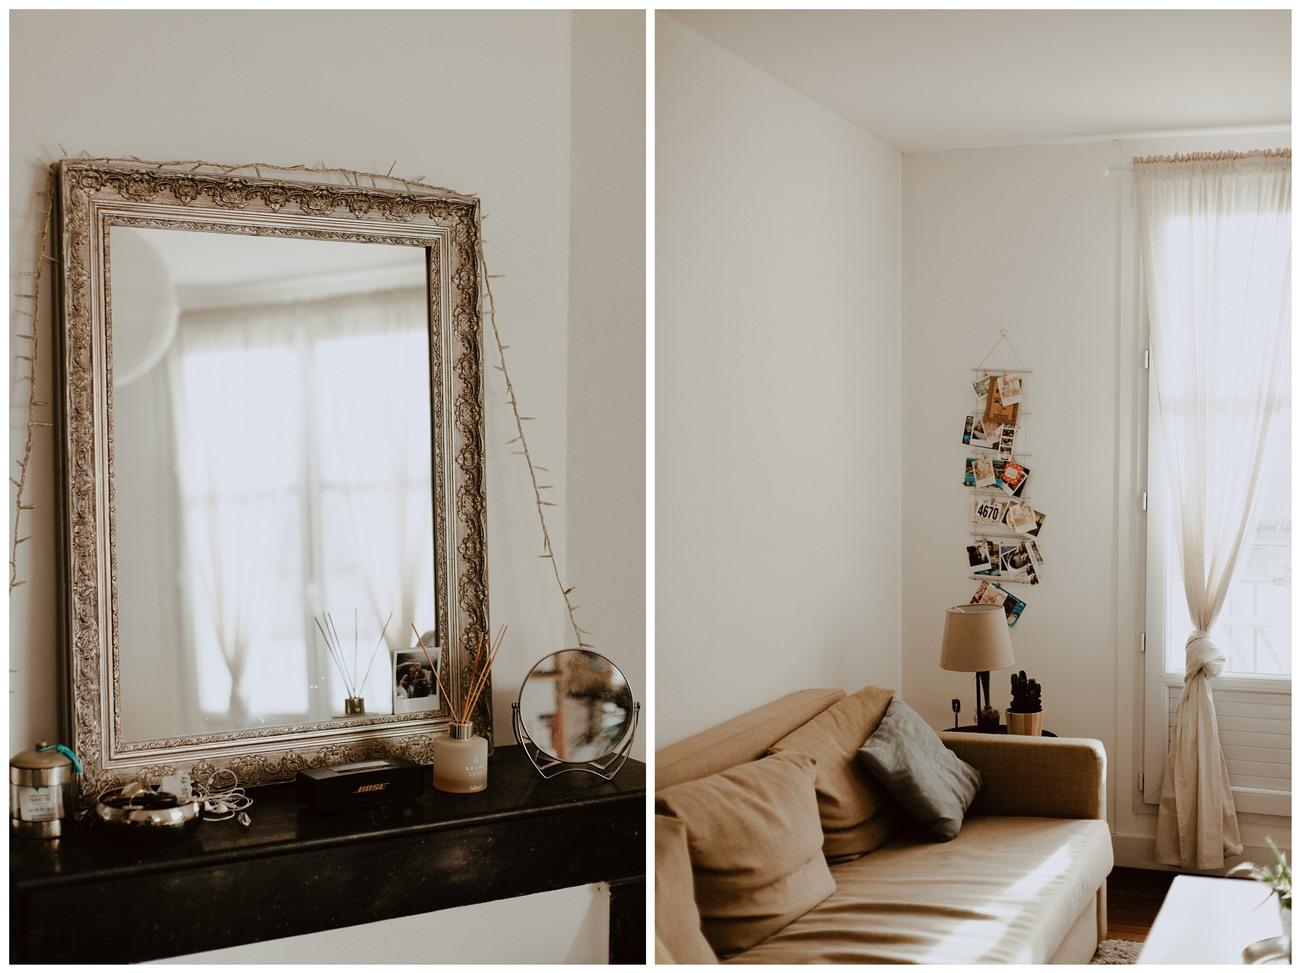 séance portrait femme intimiste intérieur décoration appartement